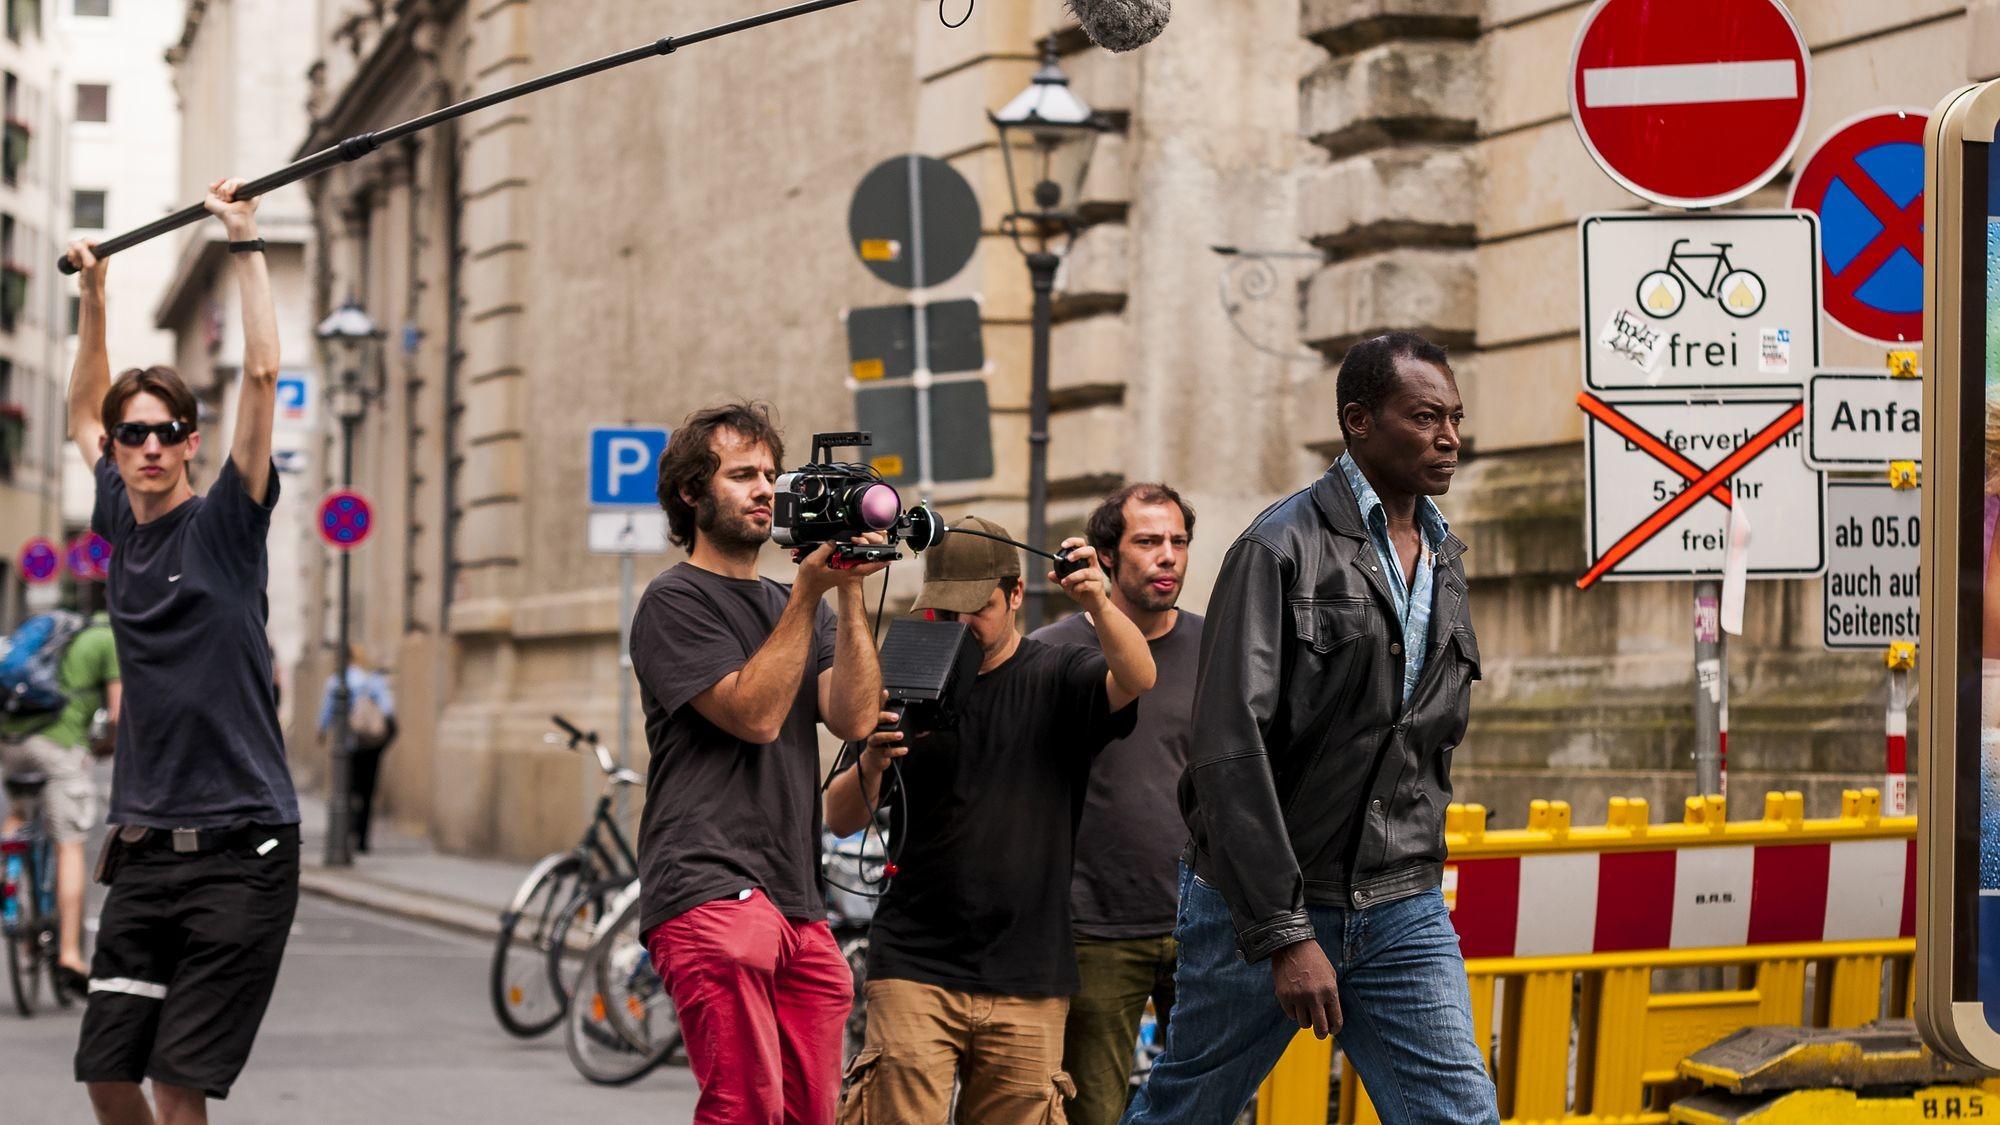 Bei den Dreharbeiten - Foto: PR/Patrick Meischner